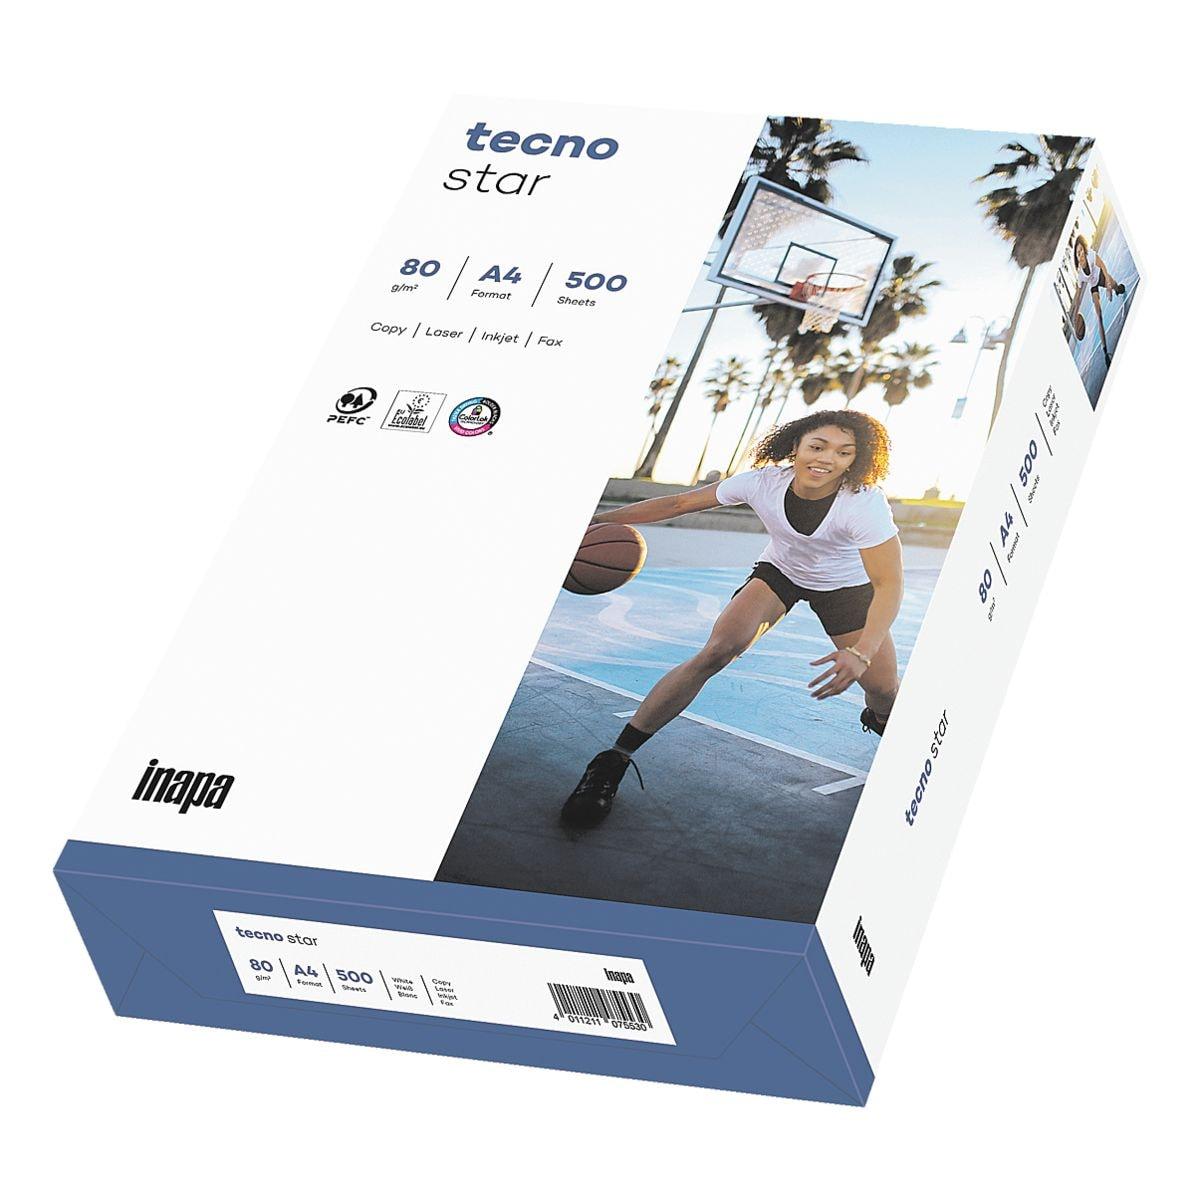 Kopierpapier A4 Inapa tecno Star - 500 Blatt gesamt, 80g/qm